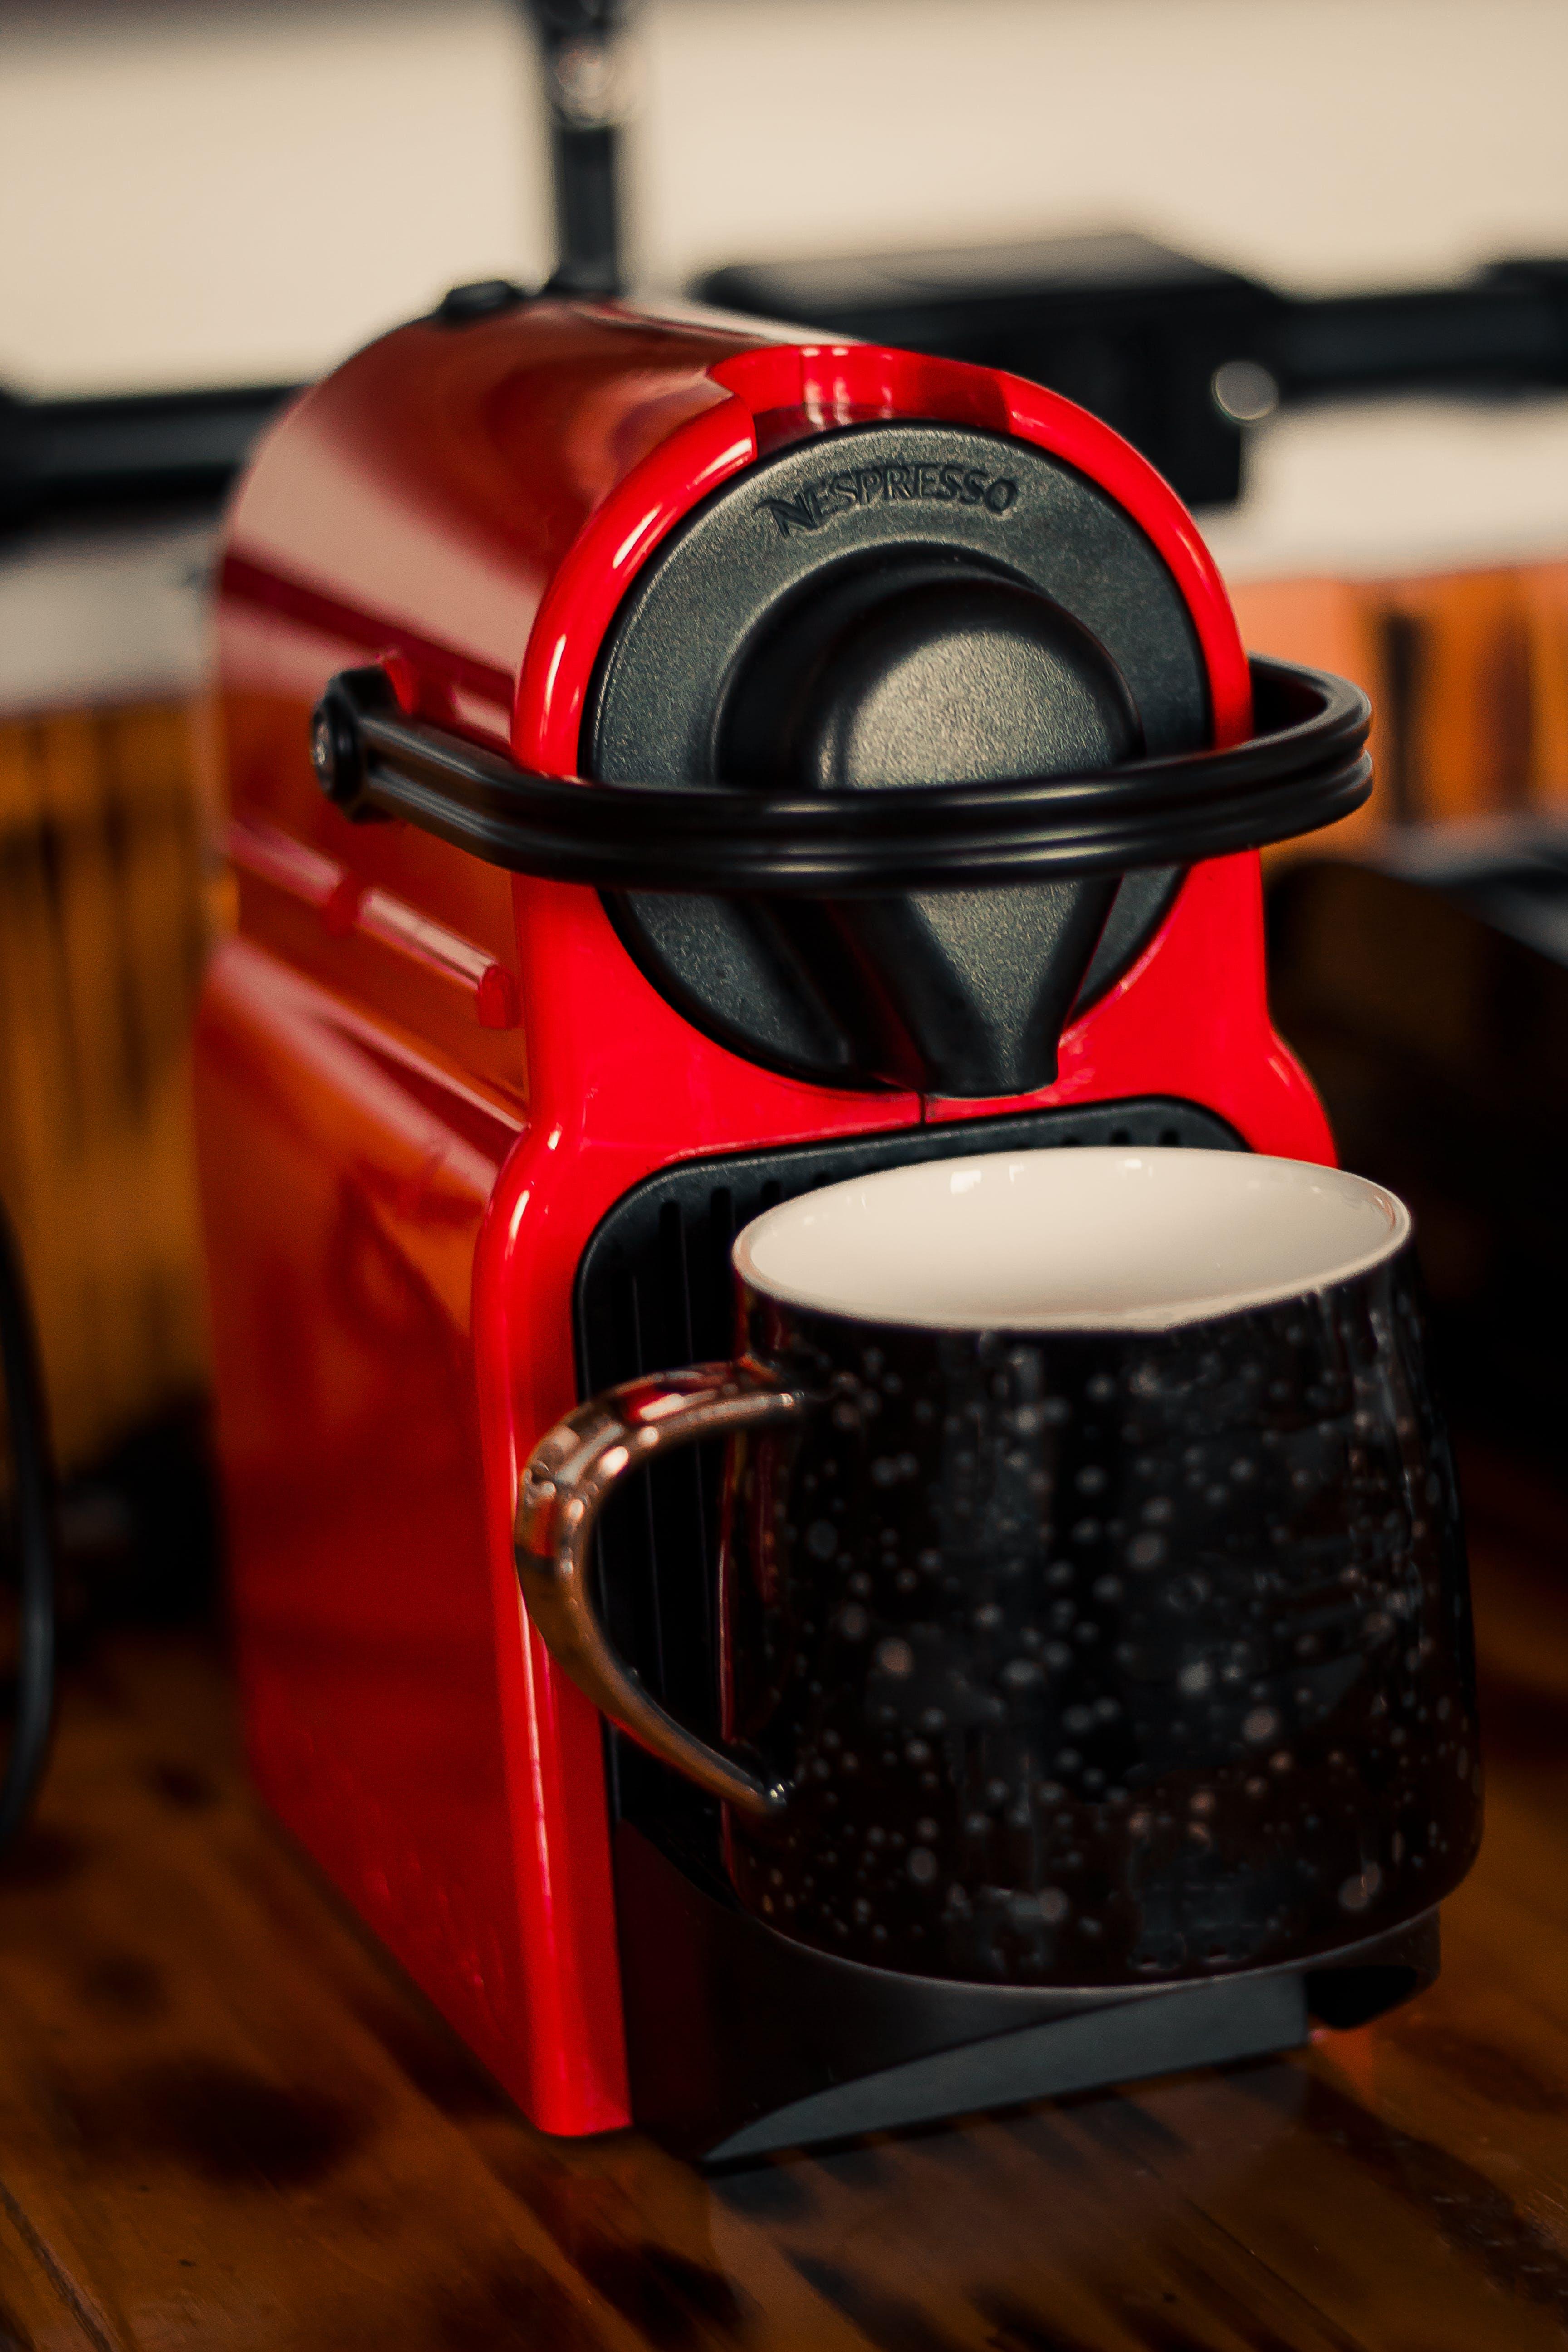 Gratis arkivbilde med drikke, espresso, kaffe, kaffetrakter